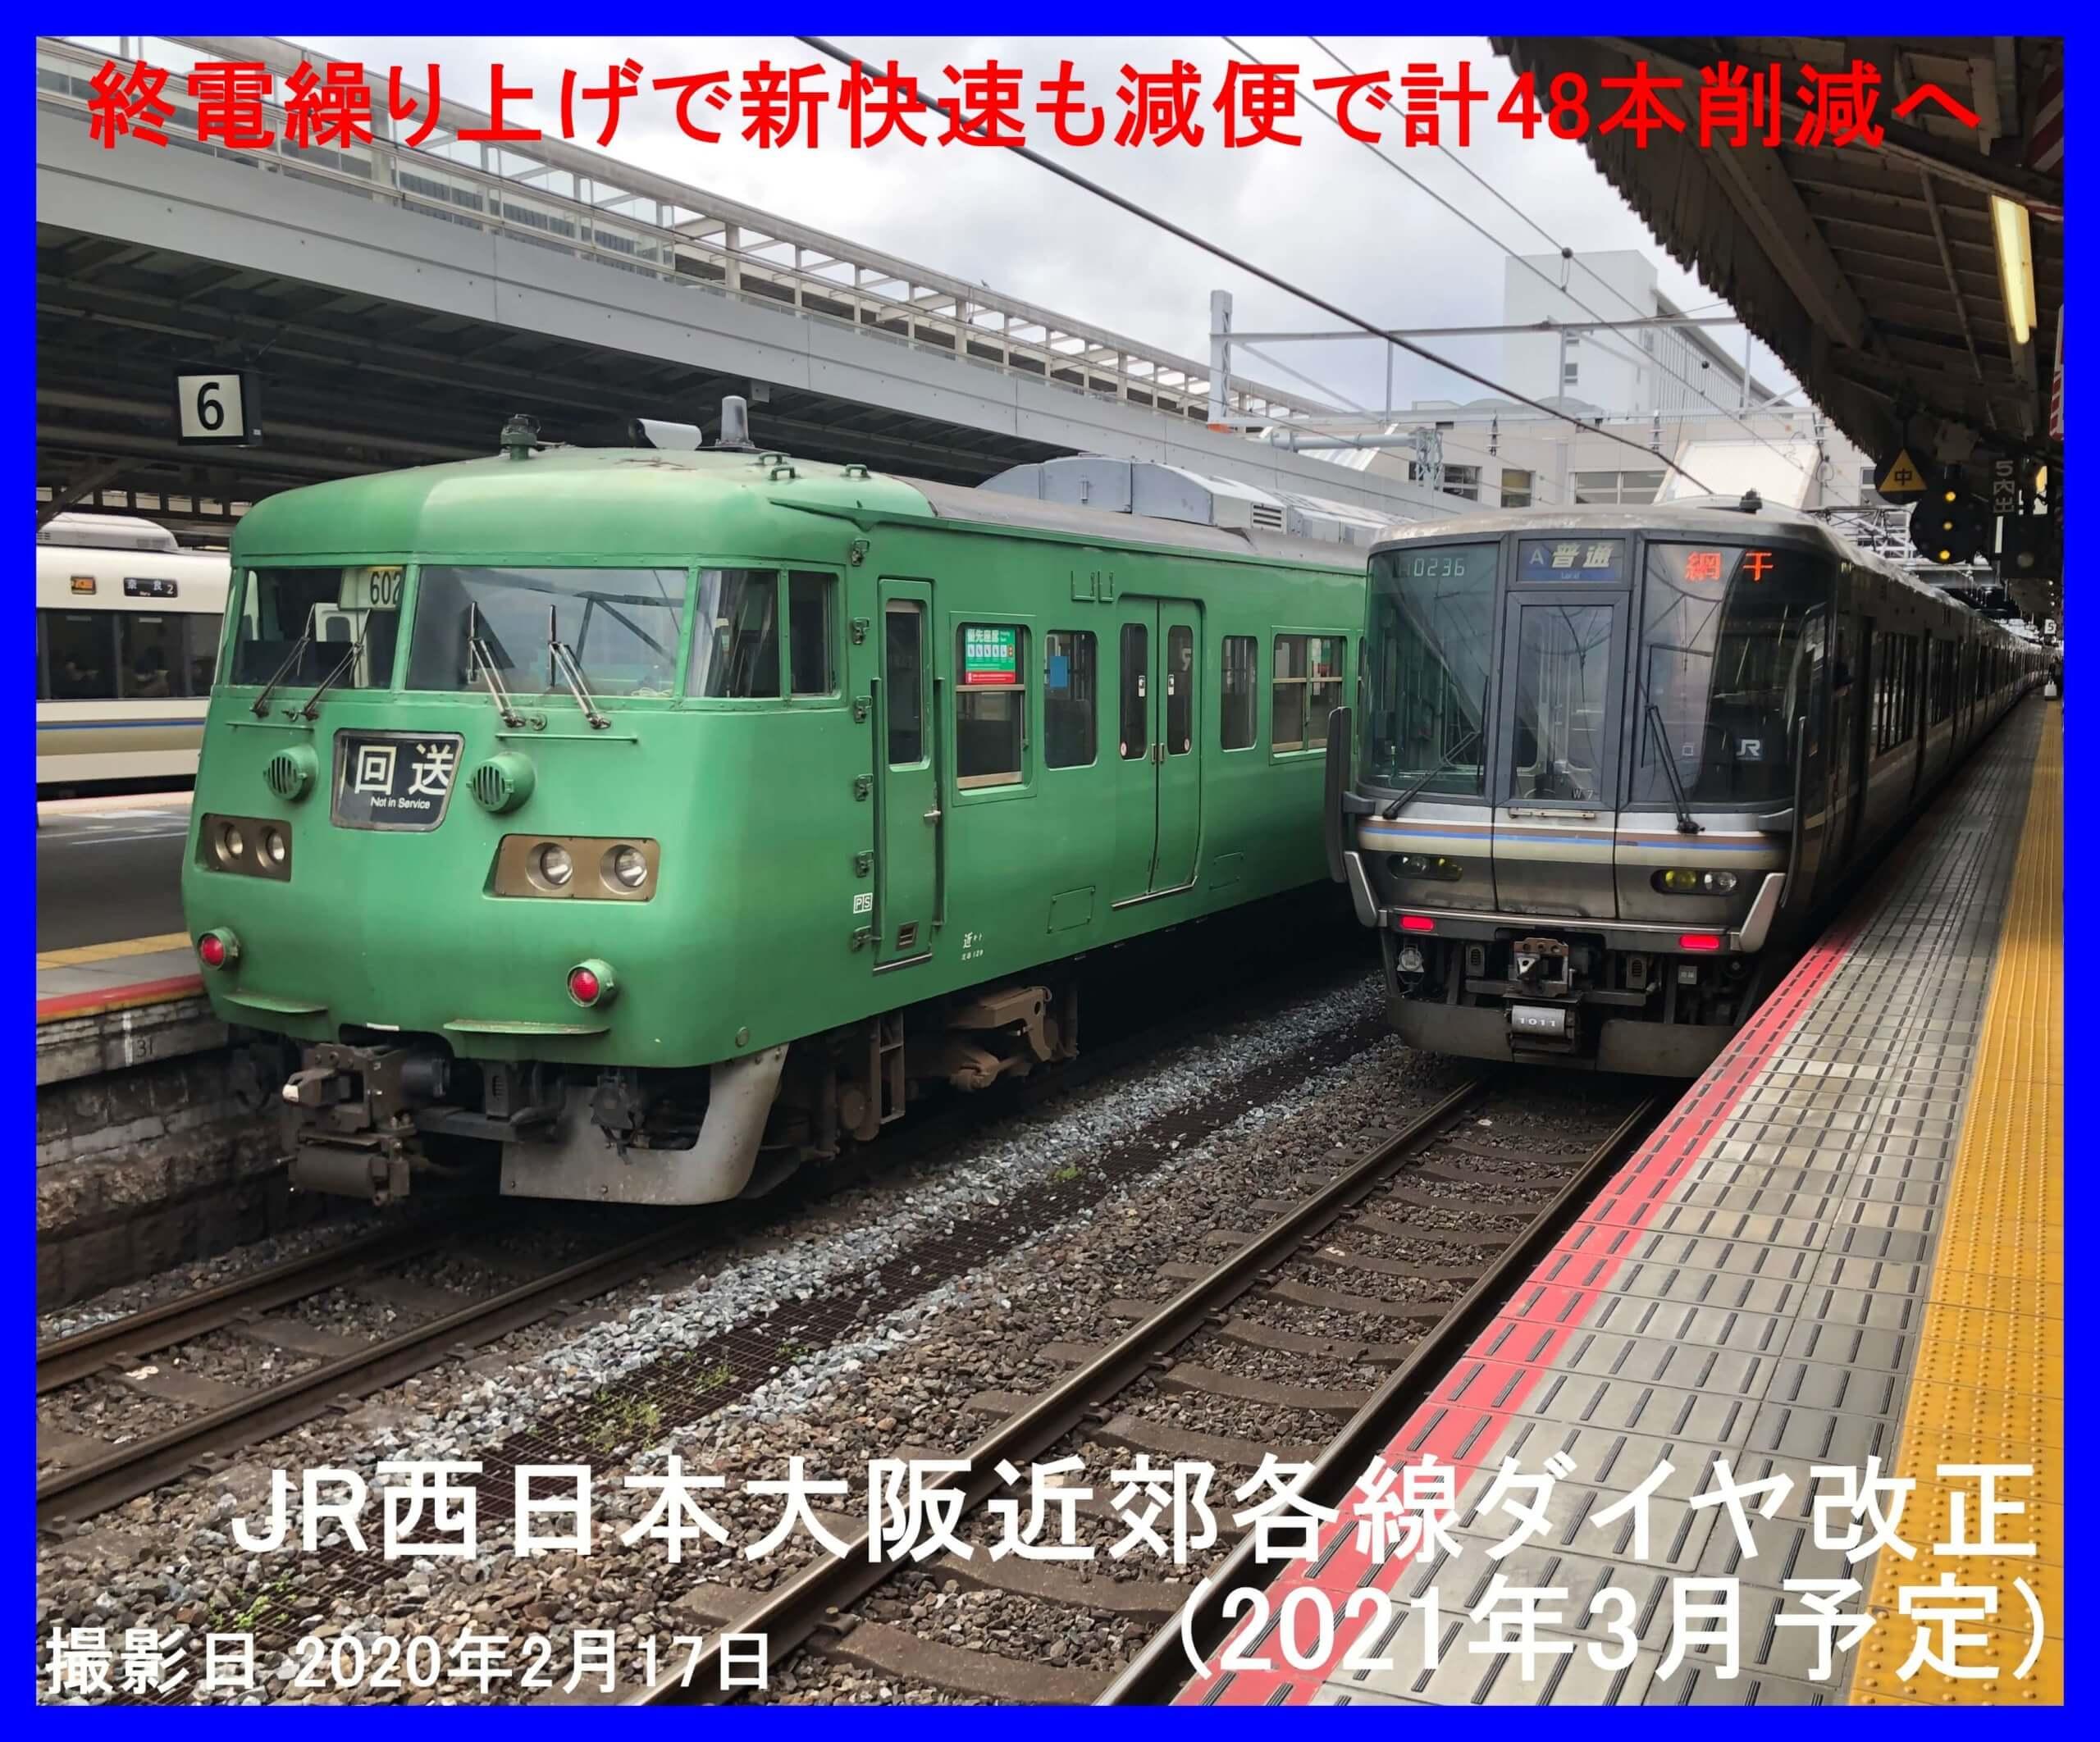 終電繰り上げで新快速も減便で計48本削減へ JR西日本大阪近郊各線ダイヤ改正(2021年3月予定)